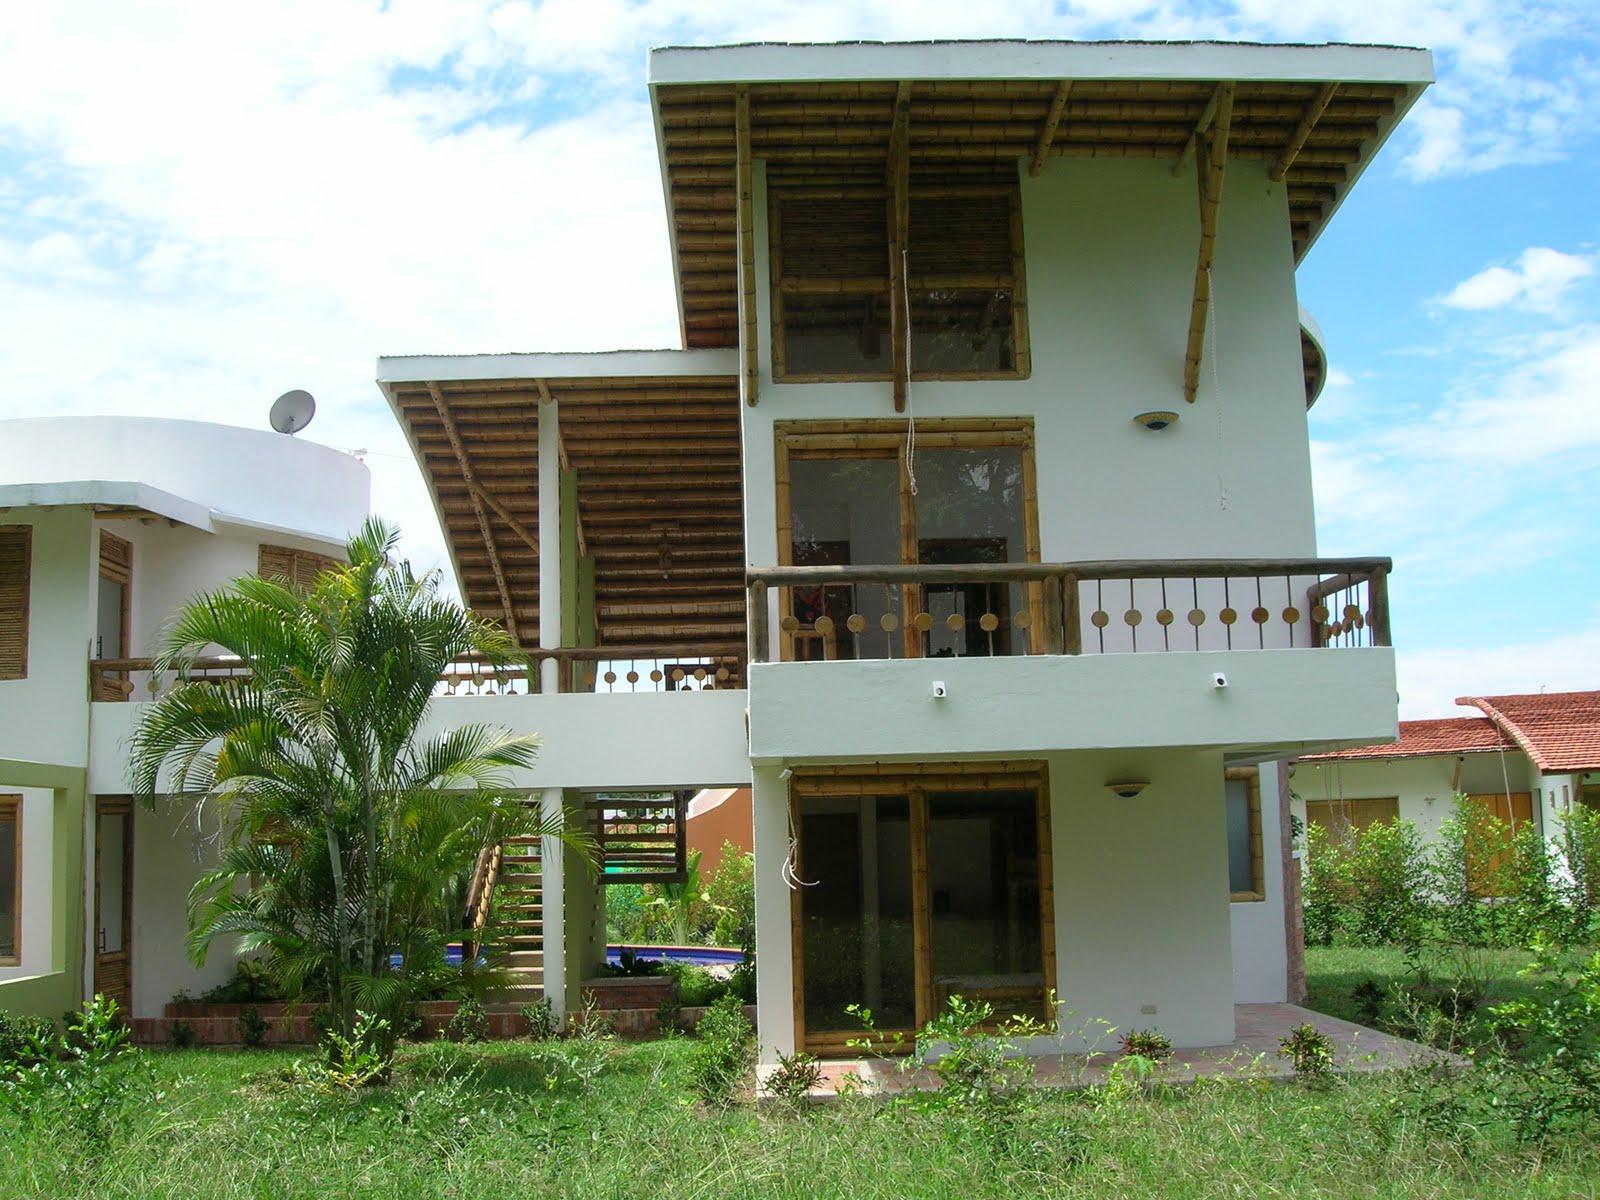 Alquiler y venta casas colombia casa para alquilar en for Casas para alquilar